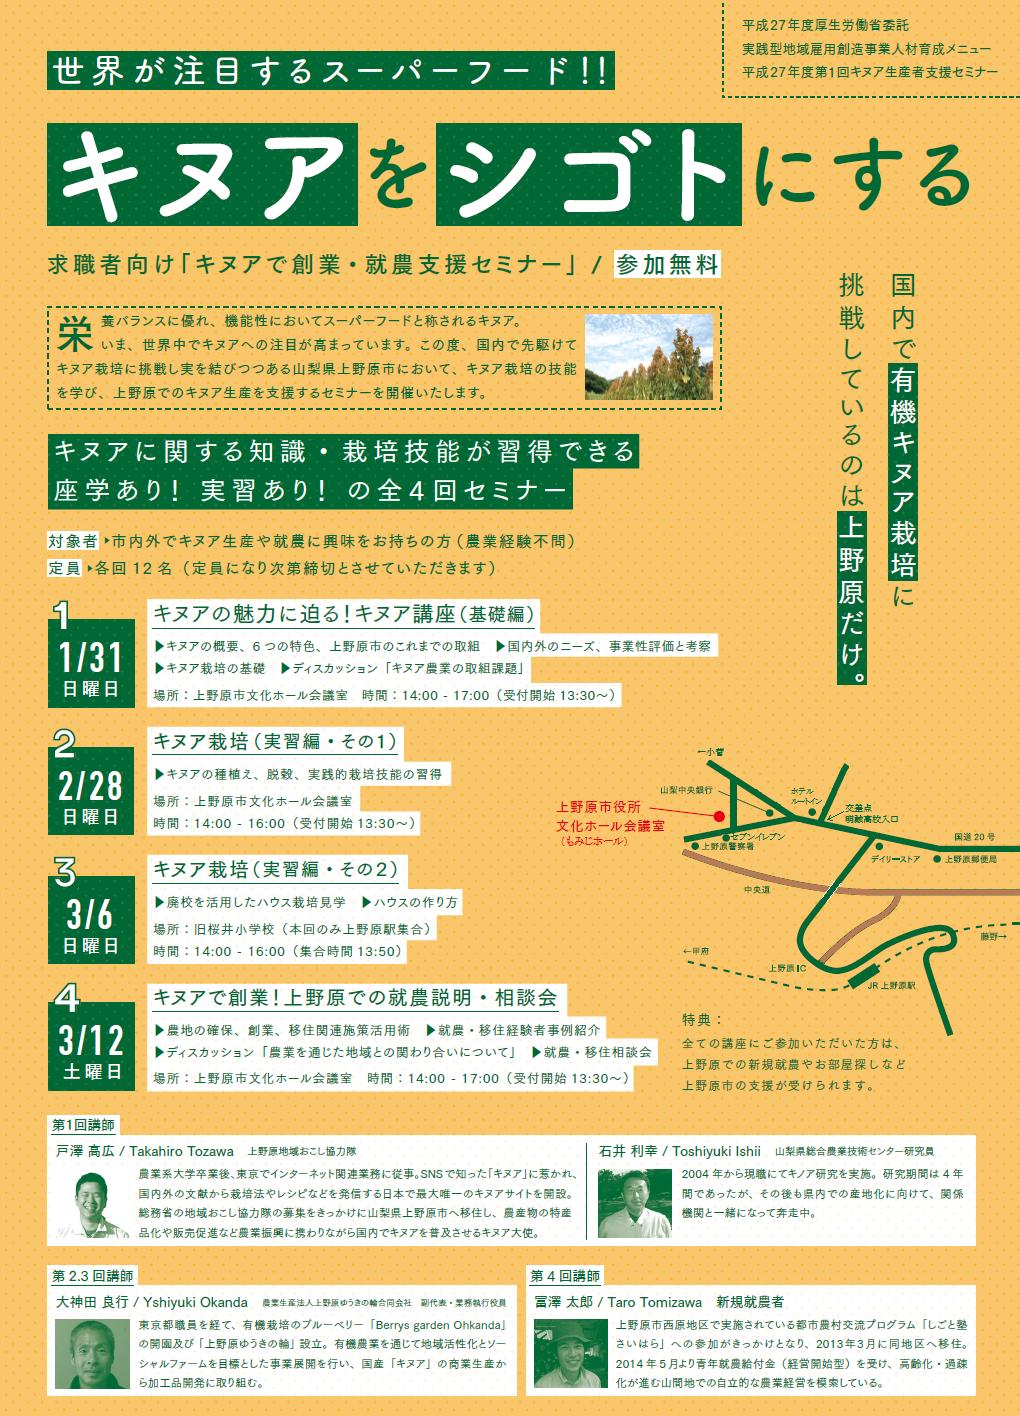 20160119キヌアセミナー表